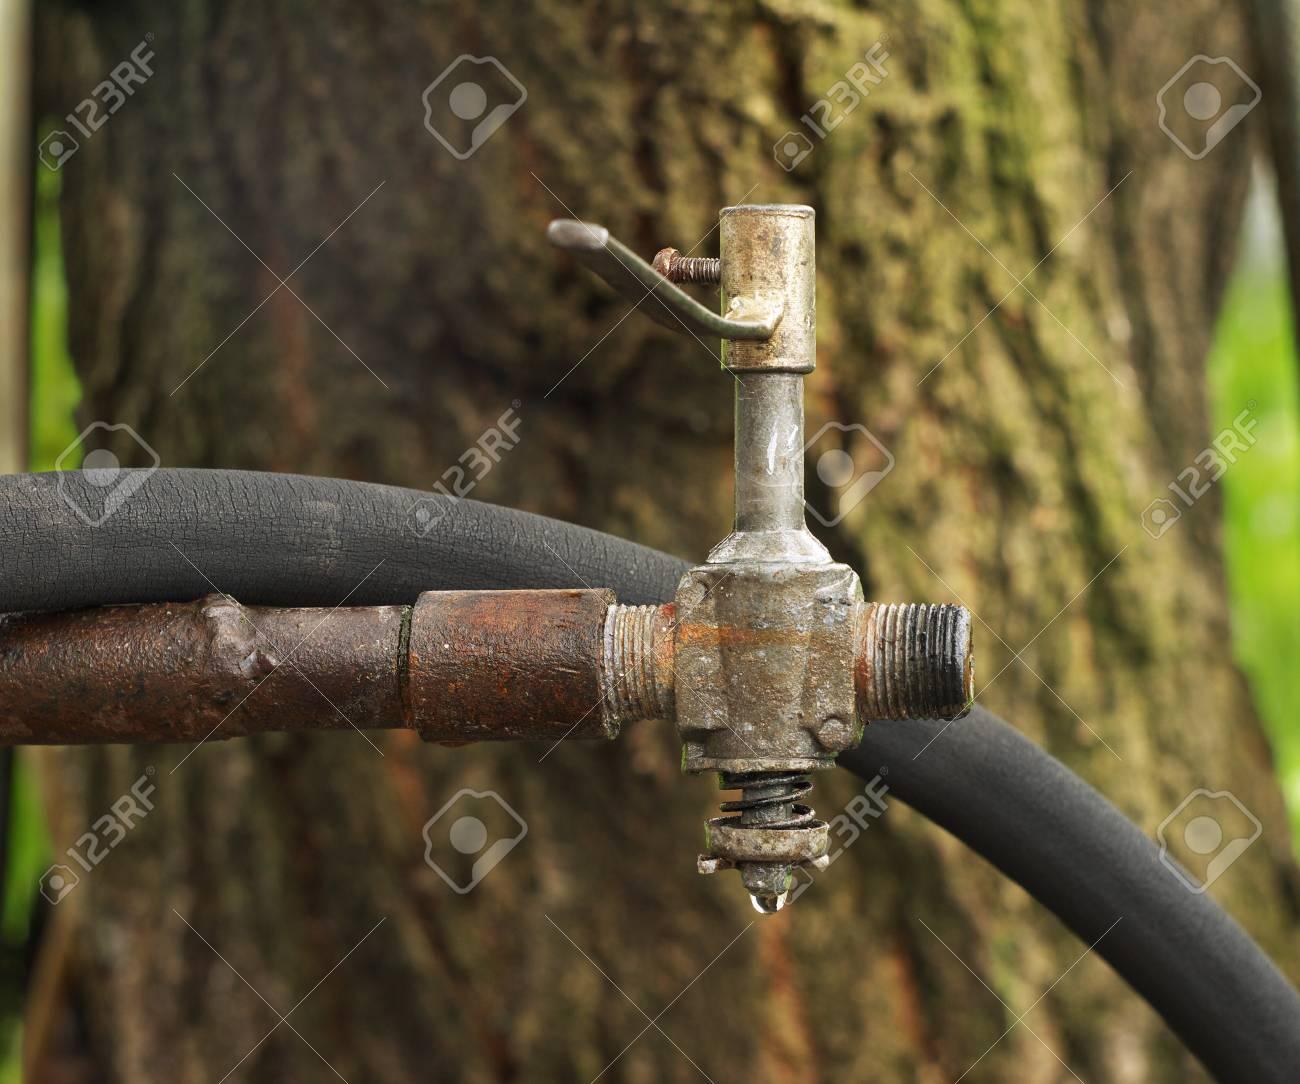 ein alter wasserhahn auf einem rostigen rohr und schlauch für die